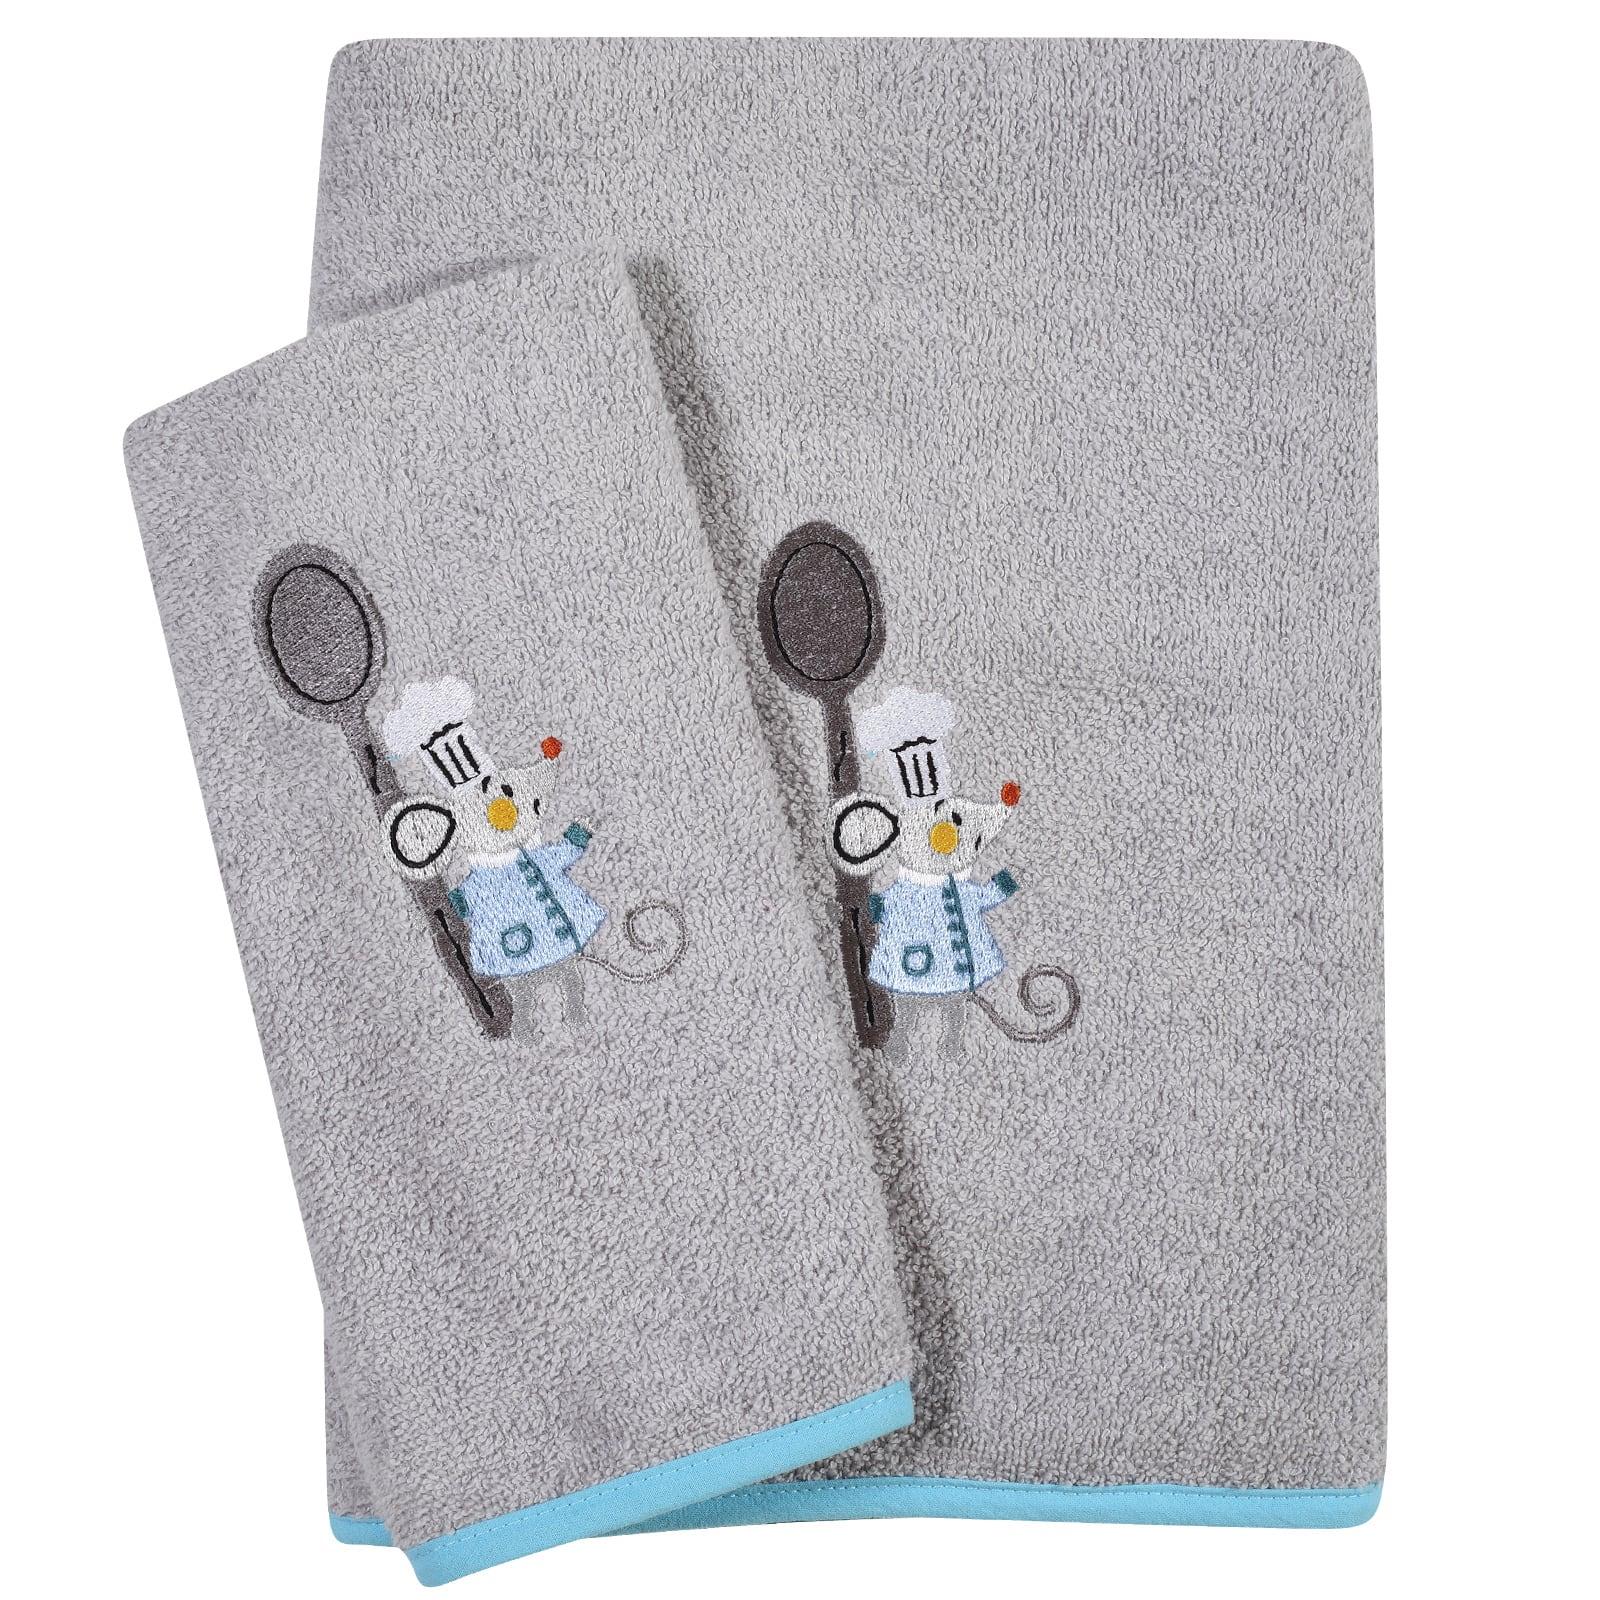 Πετσέτες Βρεφικές Κεντητές 6581 Σετ 2τμχ Baby Smile Grey Das Baby Σετ Πετσέτες 70x140cm